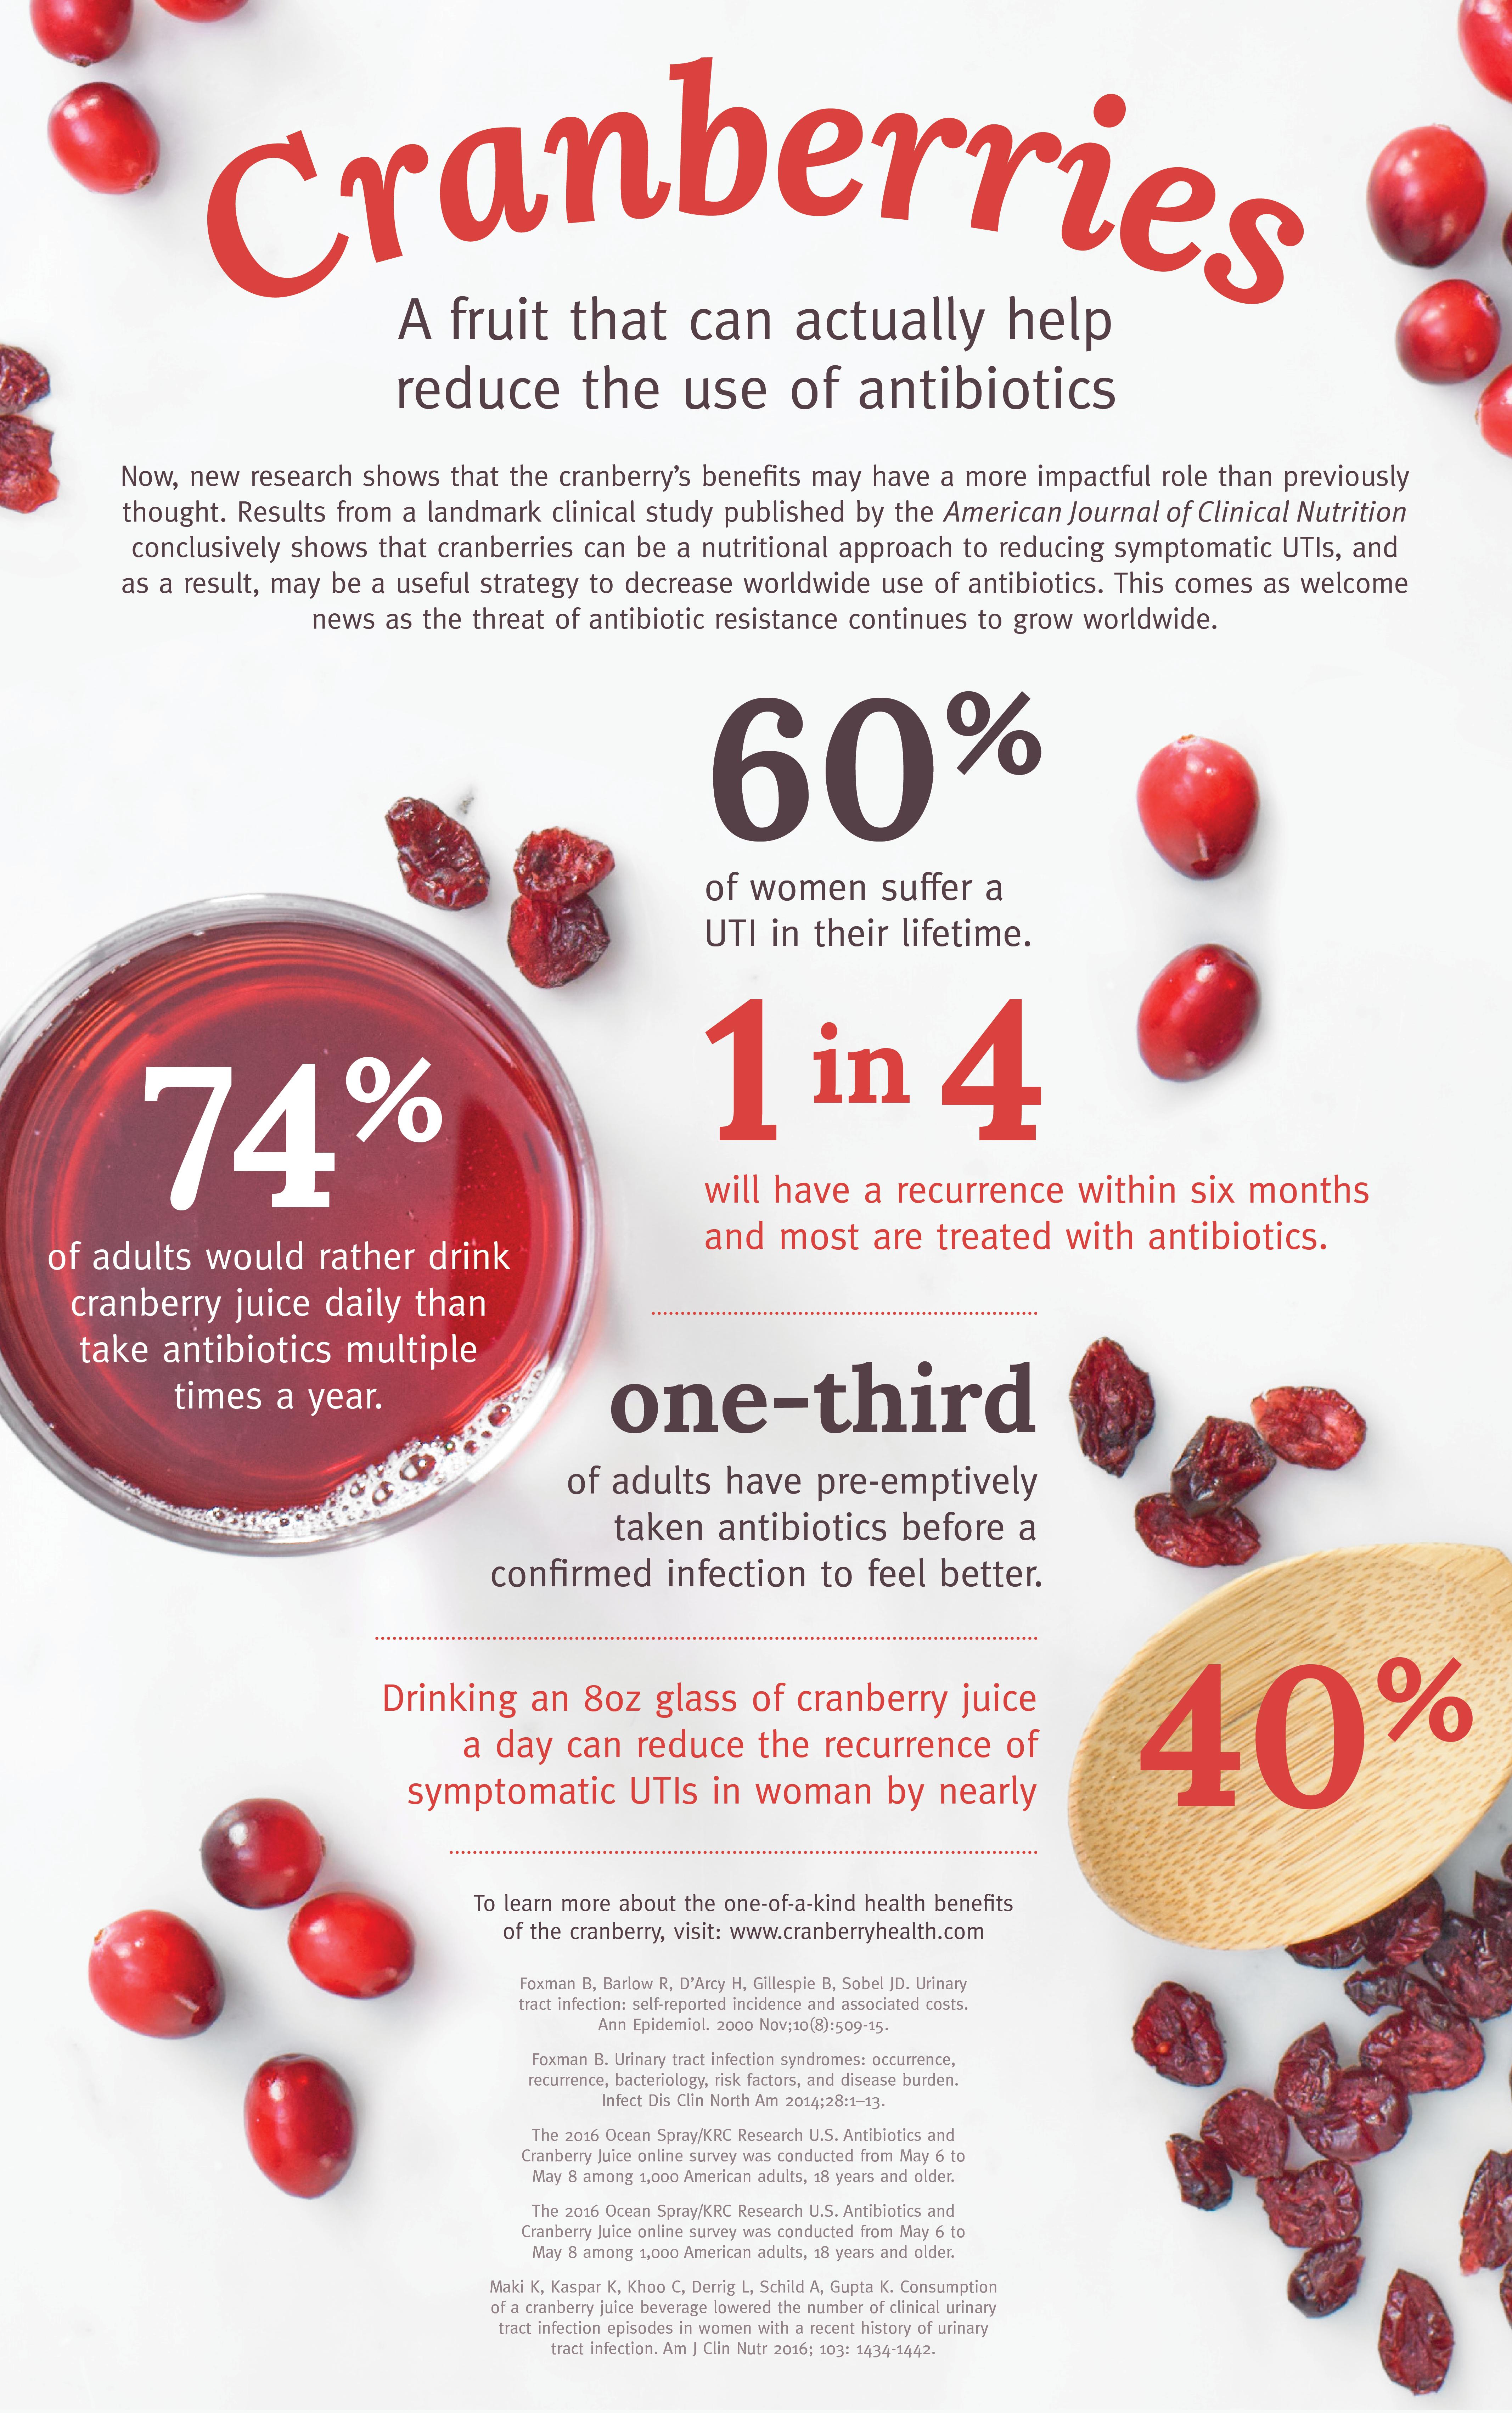 Propiedades de los arandanos deshidratados